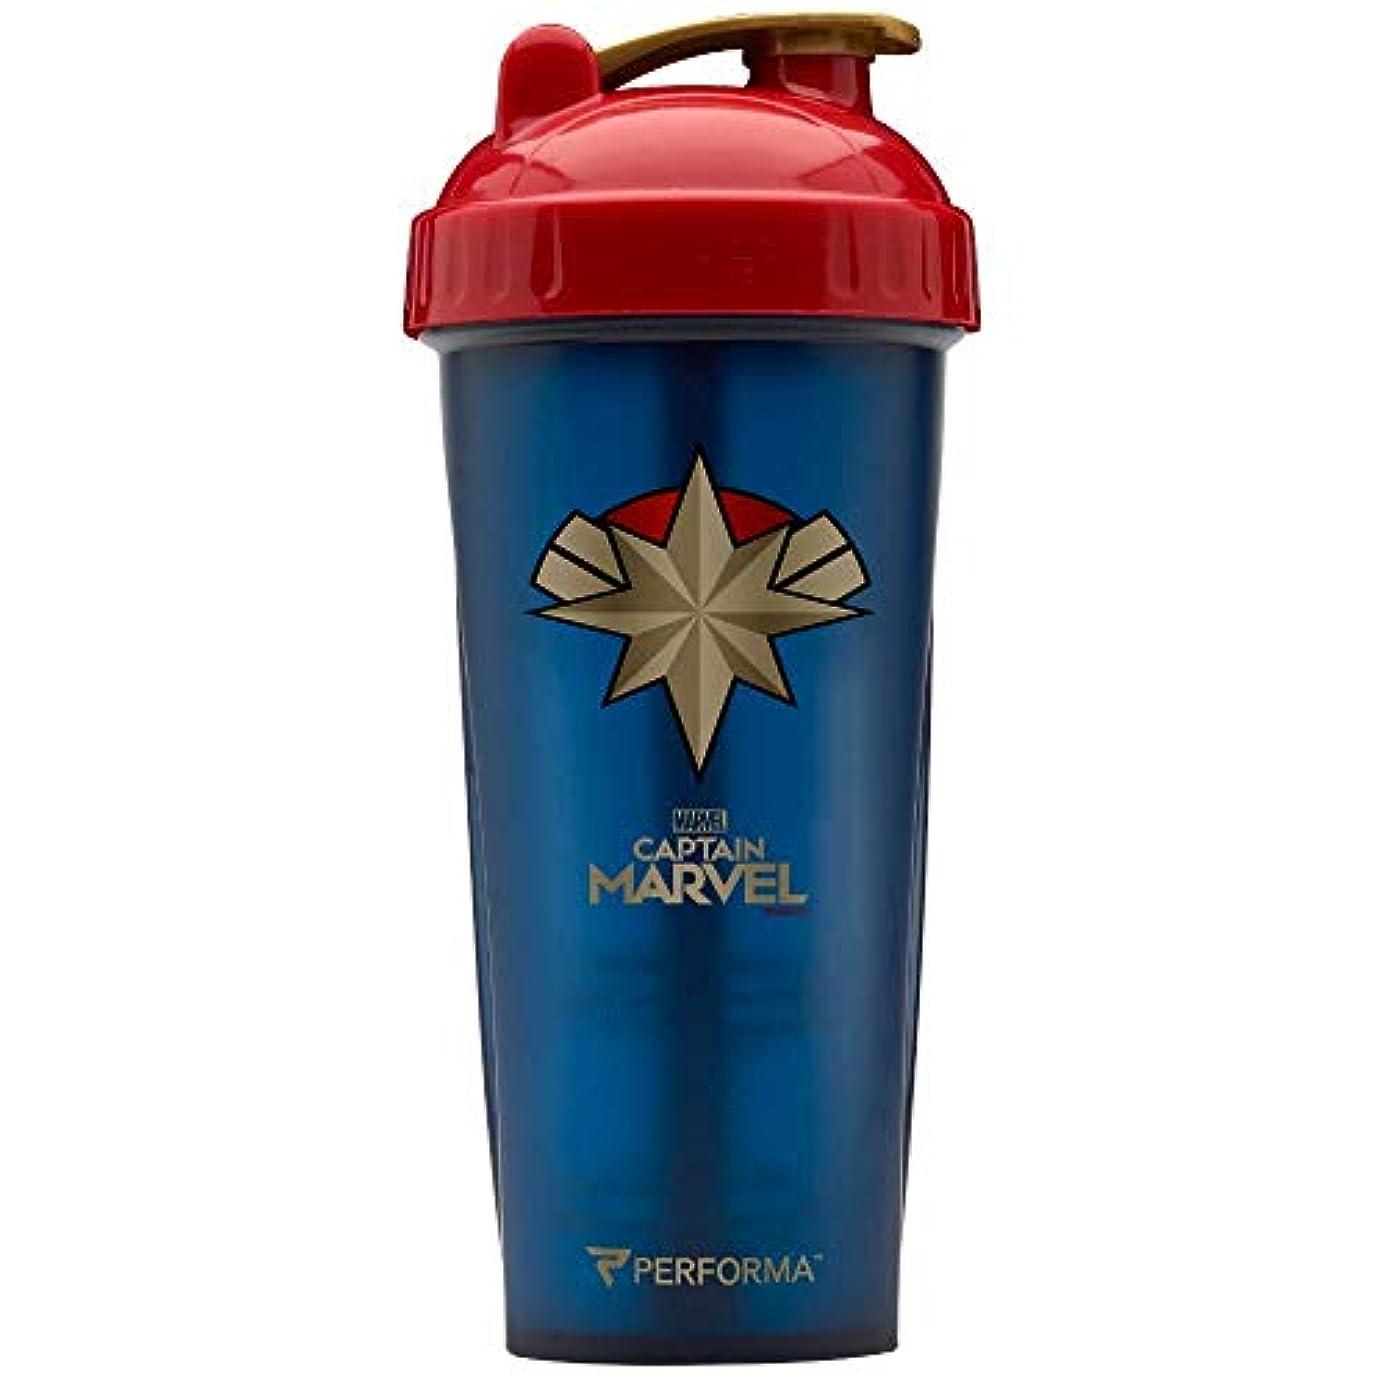 教授美容師詐欺Performa PerfectShaker Marvel series Captain Marvel パフォーマ パーフェクトシェイカー マーベルシリーズ キャプテン マーベル 28 oz (800 ml)